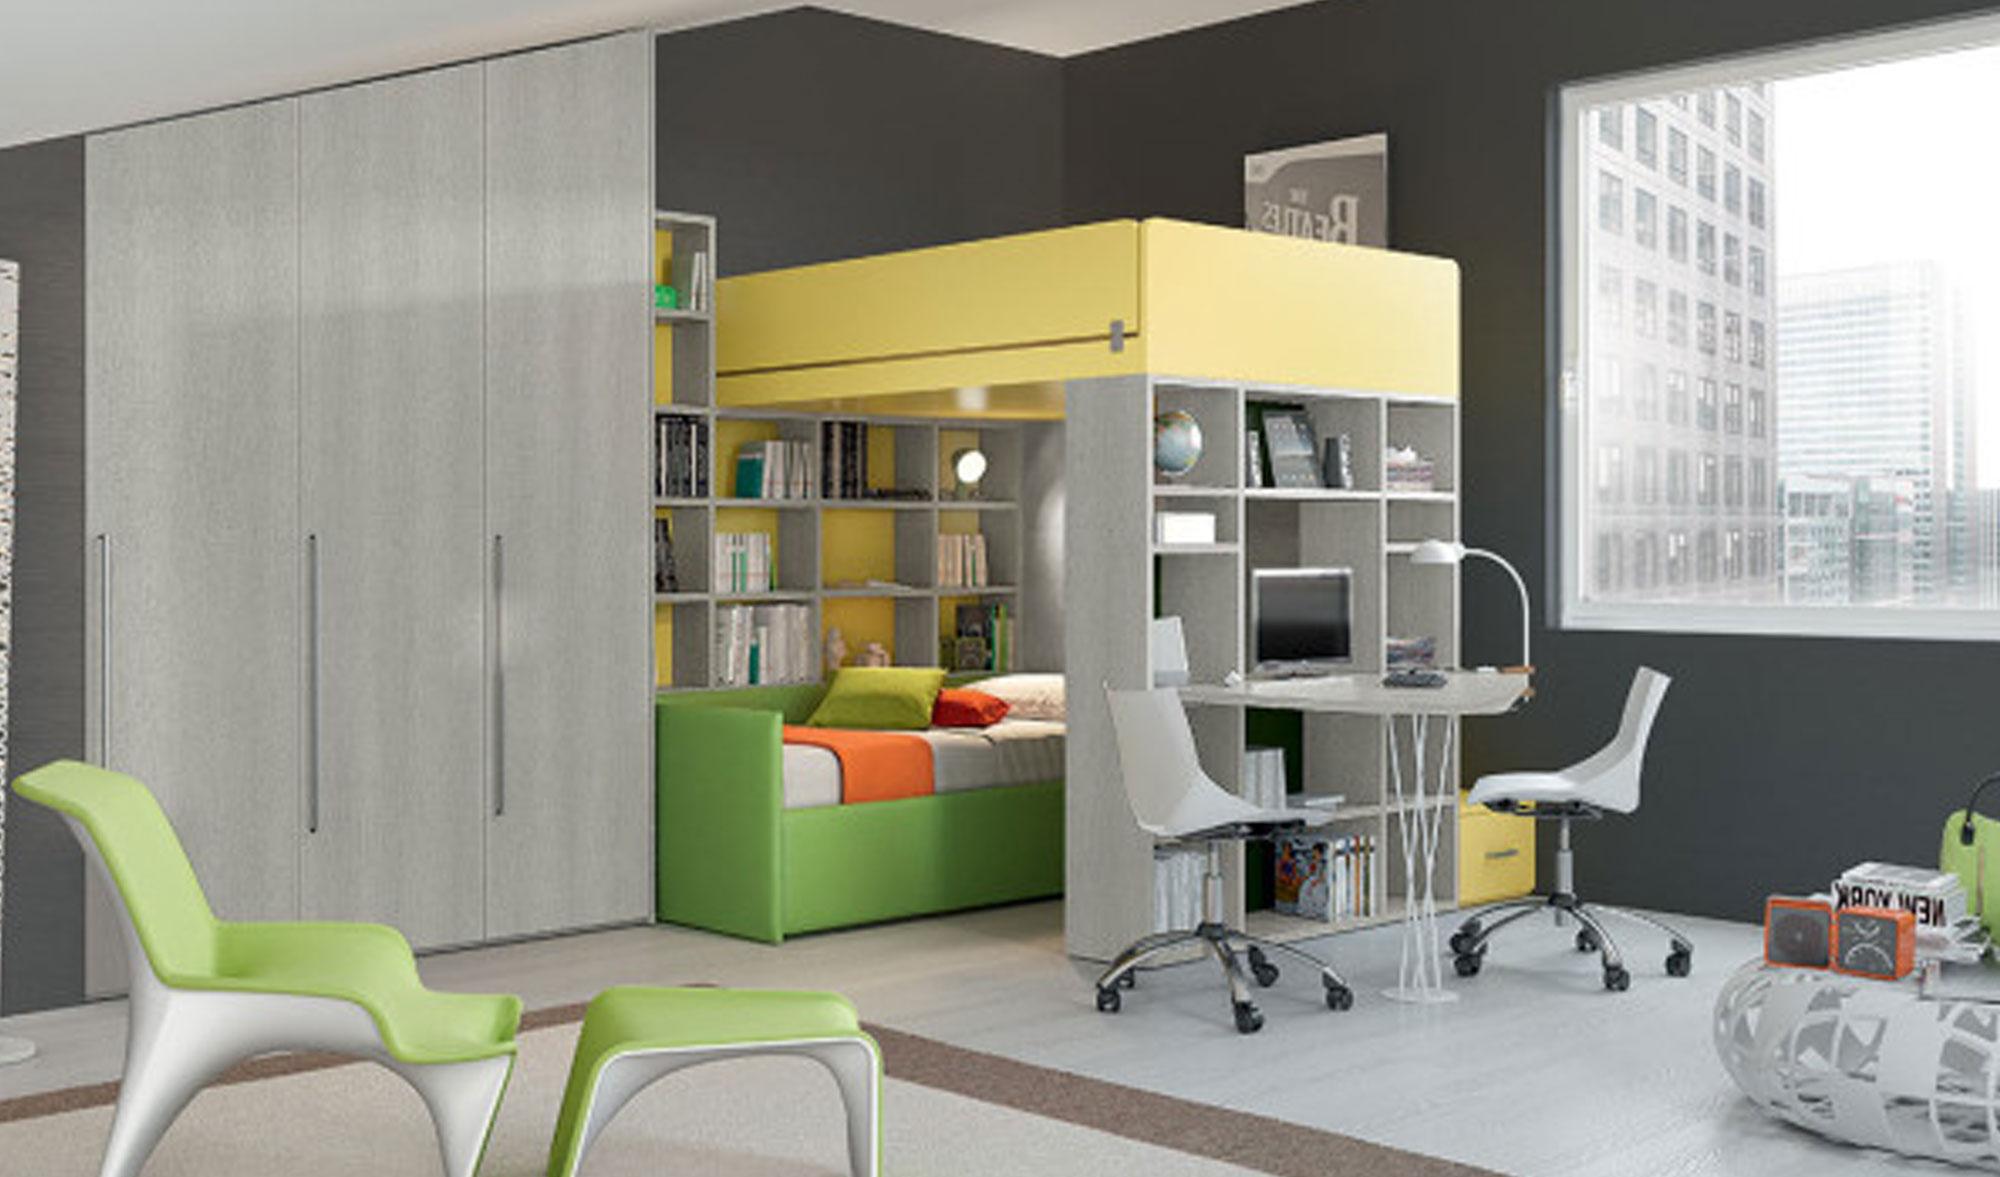 Camerette ferrimobili arredo spazio casa - Mobili prezioso camerette ...